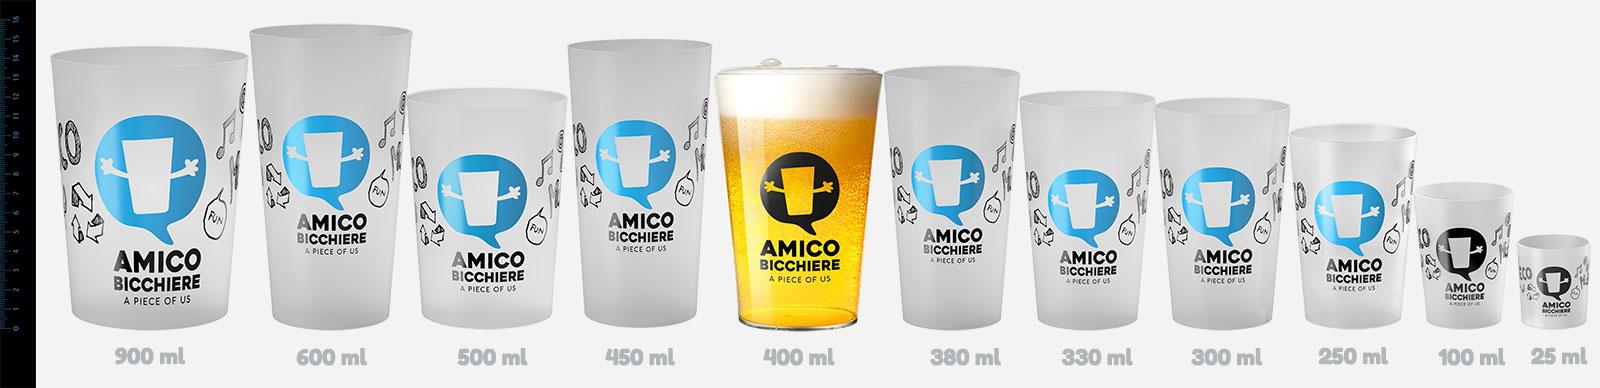 tutta la gamma Amico bicchiere